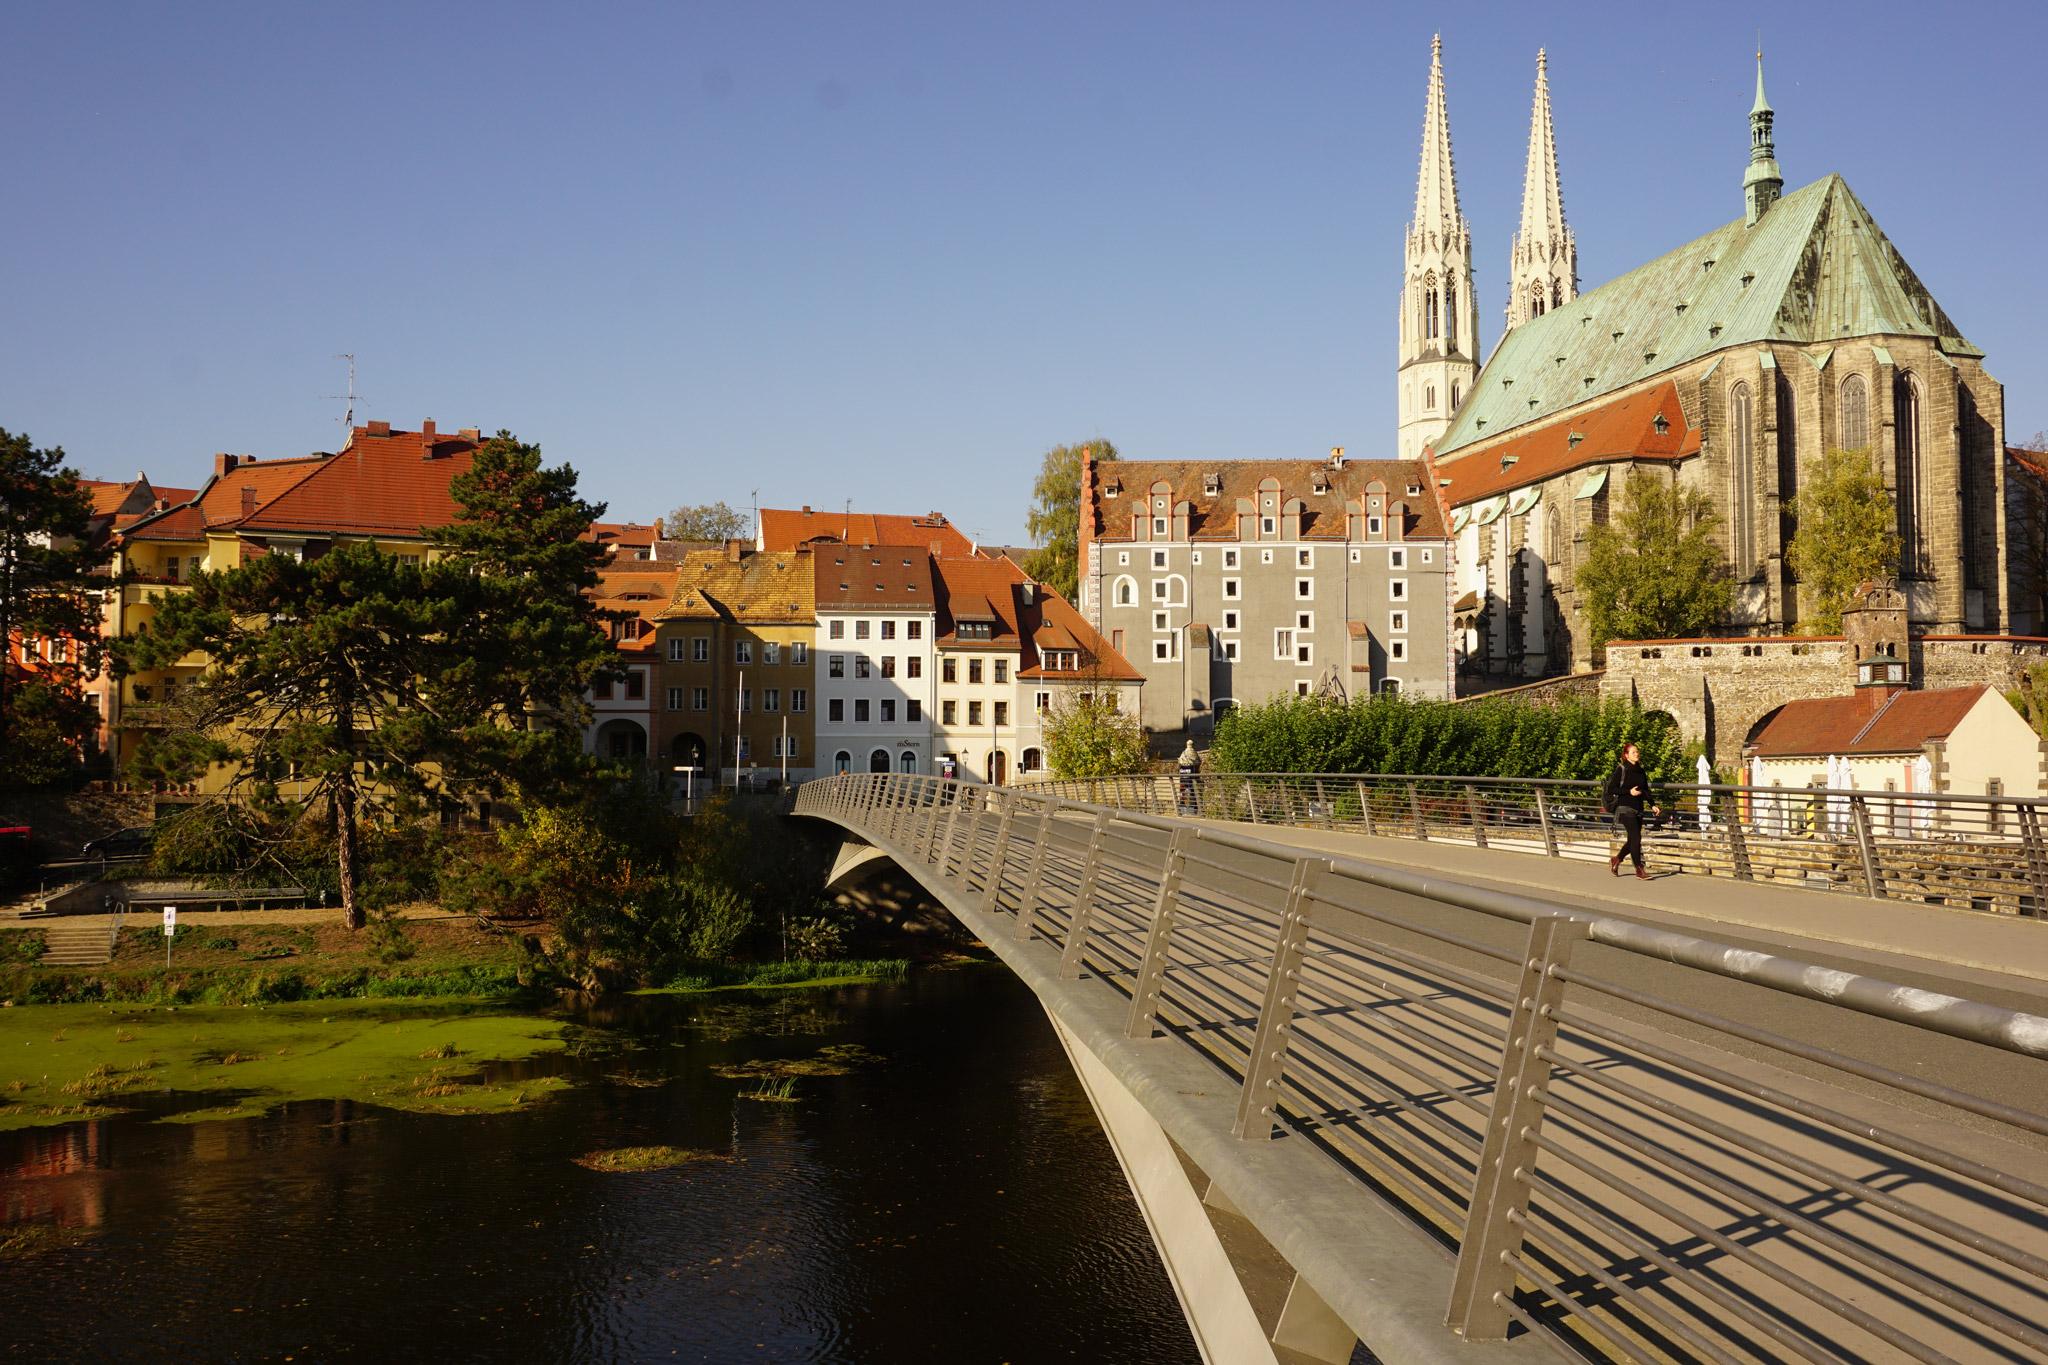 Die Fußgängerbrücke zwischen Zgorzelec und Görlitz mit der Pfarrkirche St. Peter und Paul © Thorsten Hoyer